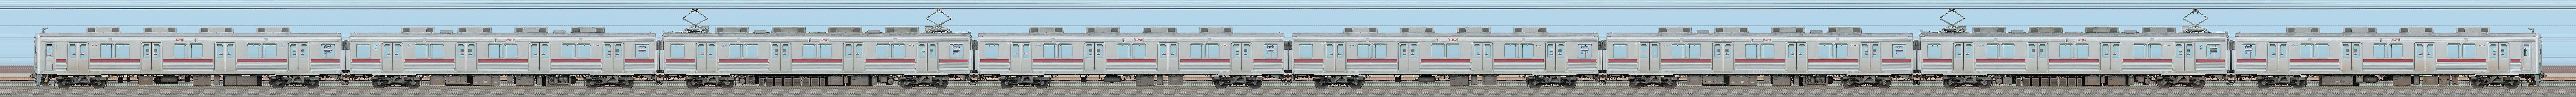 東武10000型11801編成(リニューアル車・山側)の編成サイドビュー